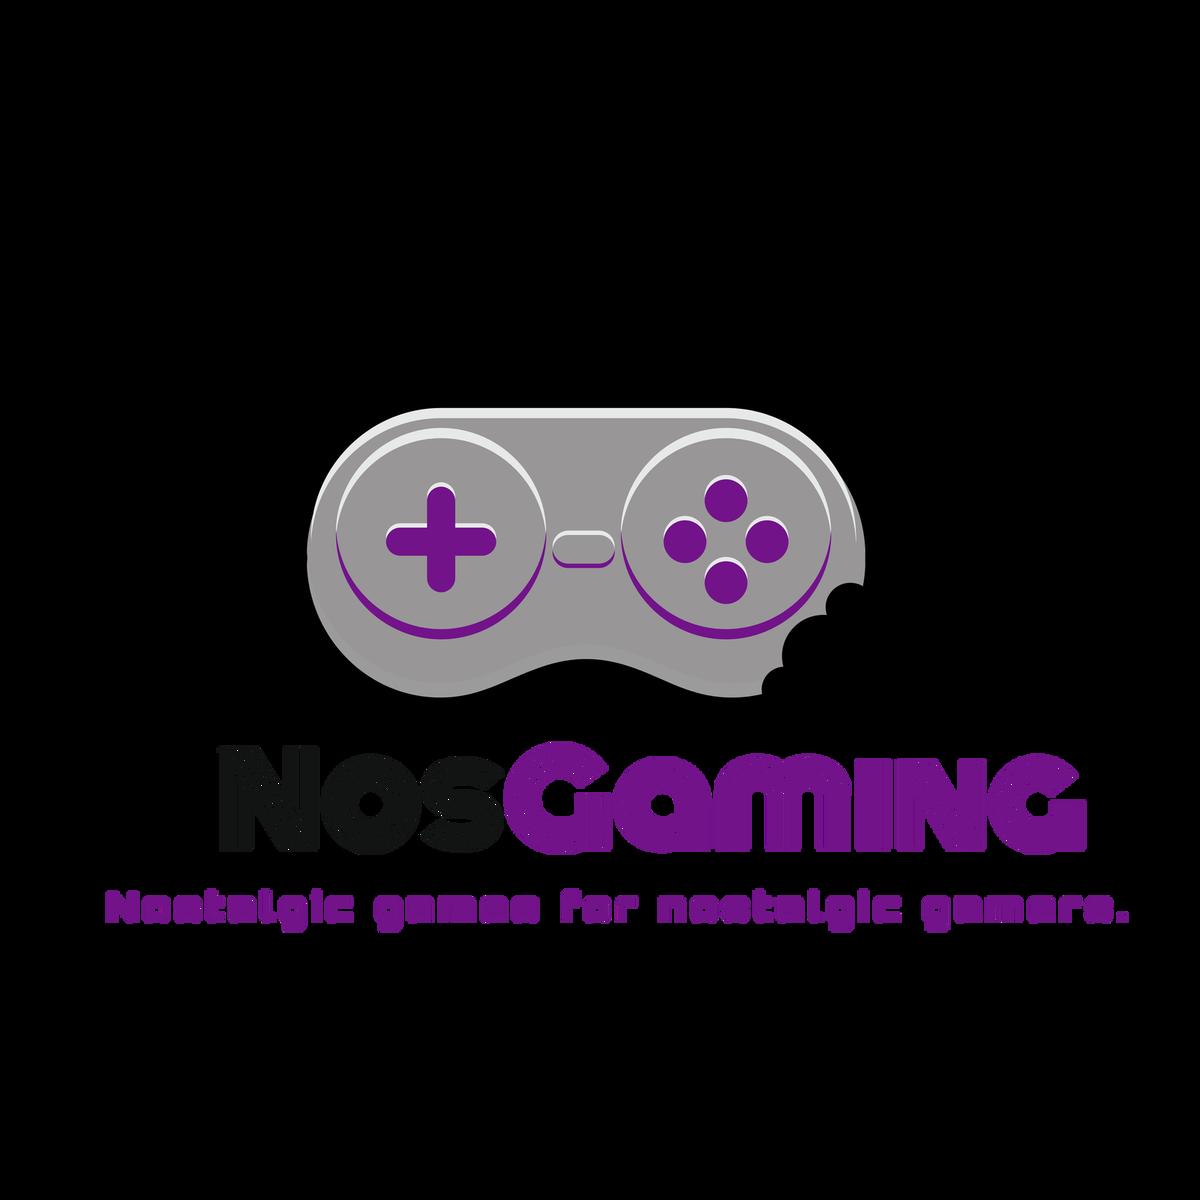 Nosgaming